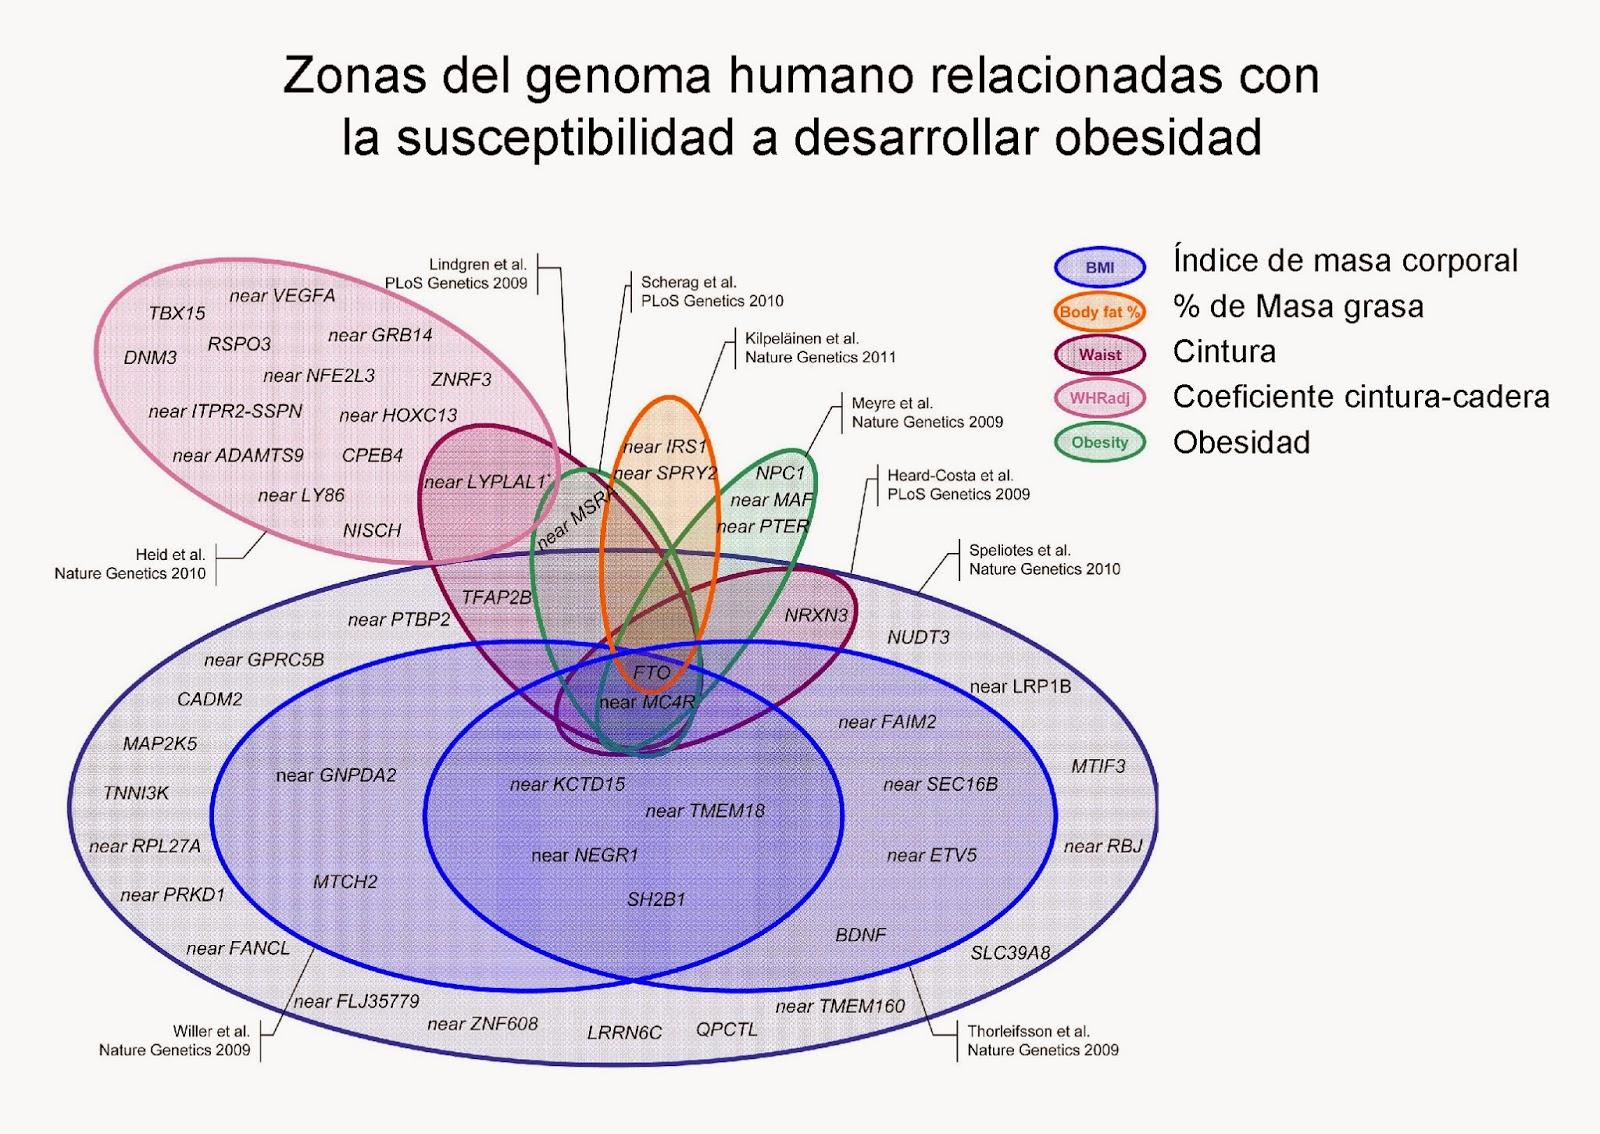 Zonas del genoma humano relacionadas con la obesidad